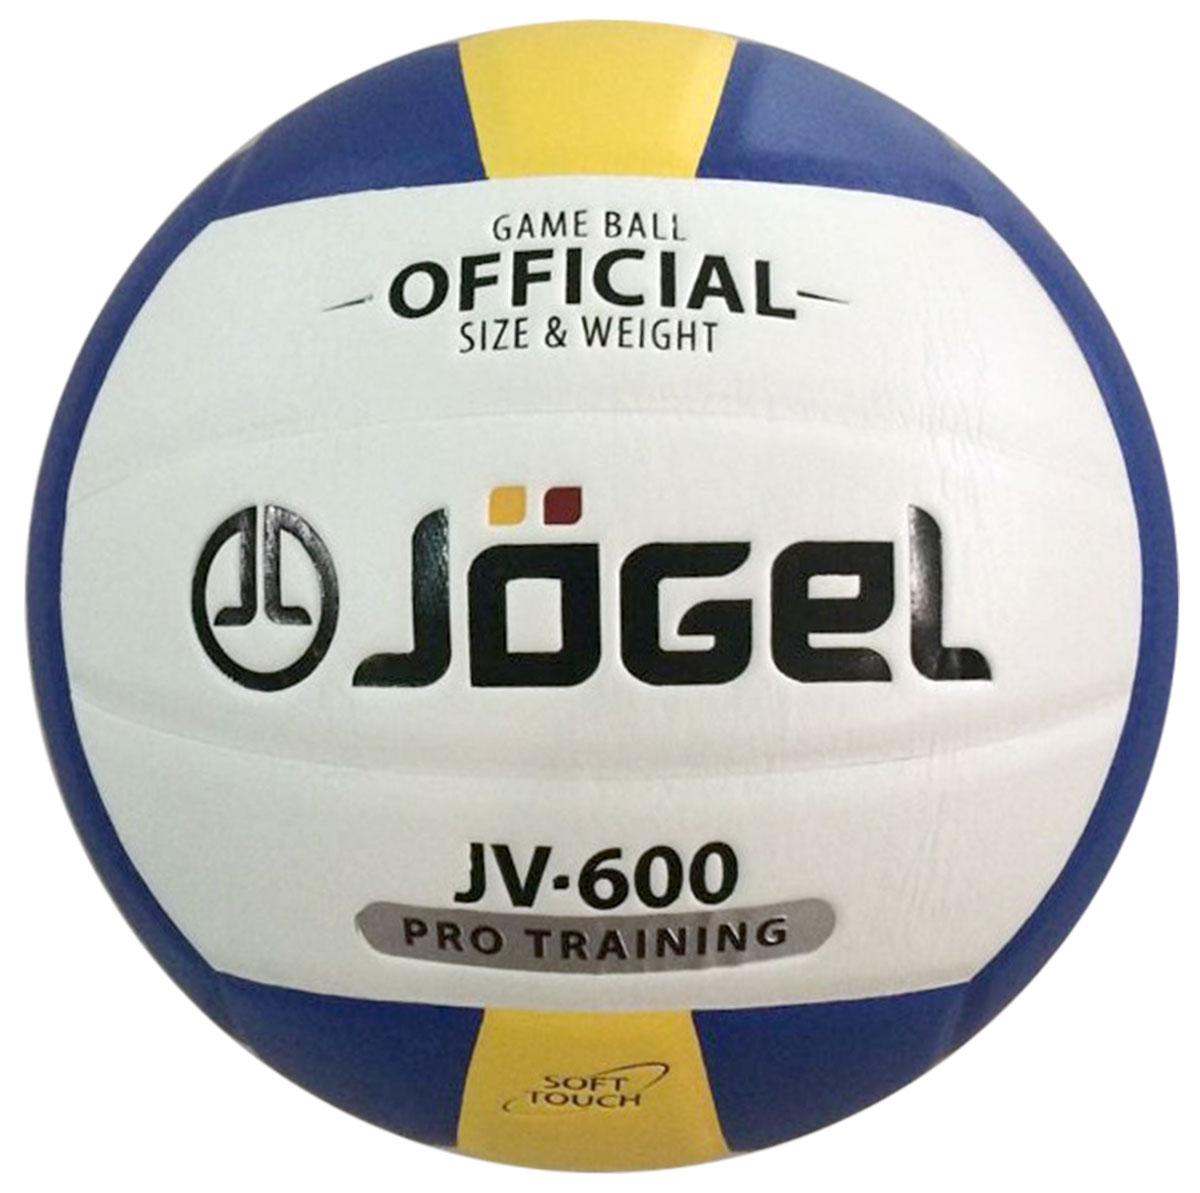 Мяч волейбольный Jogel, цвет: синий, желтый. Размер 5. JV-600УТ-00009344Клееный волейбольный мяч Jogel предназначен для профессиональных тренировок. Покрышка выполнена из мягкой высококачественной синтетической кожи (полиуретан). В создании применена технология Soft Touch, которая имитирует натуральную кожу и обеспечивает правильный отскок.Мяч состоит из 18 панелей и бутиловой камеры, также армирован одним подкладочным слоем, изготовленным из ткани.Мяч рекомендован для тренировок команд среднего и высокого уровня, а также соревнований любительских и средних команд.Вес: 260-280 гр.Длина окружности: 65-67 см.Рекомендованное давление: 0.29-0.32 бар.УВАЖАЕМЫЕ КЛИЕНТЫ!Обращаем ваше внимание на тот факт, что мяч поставляется в сдутом виде. Насос в комплект не входит.